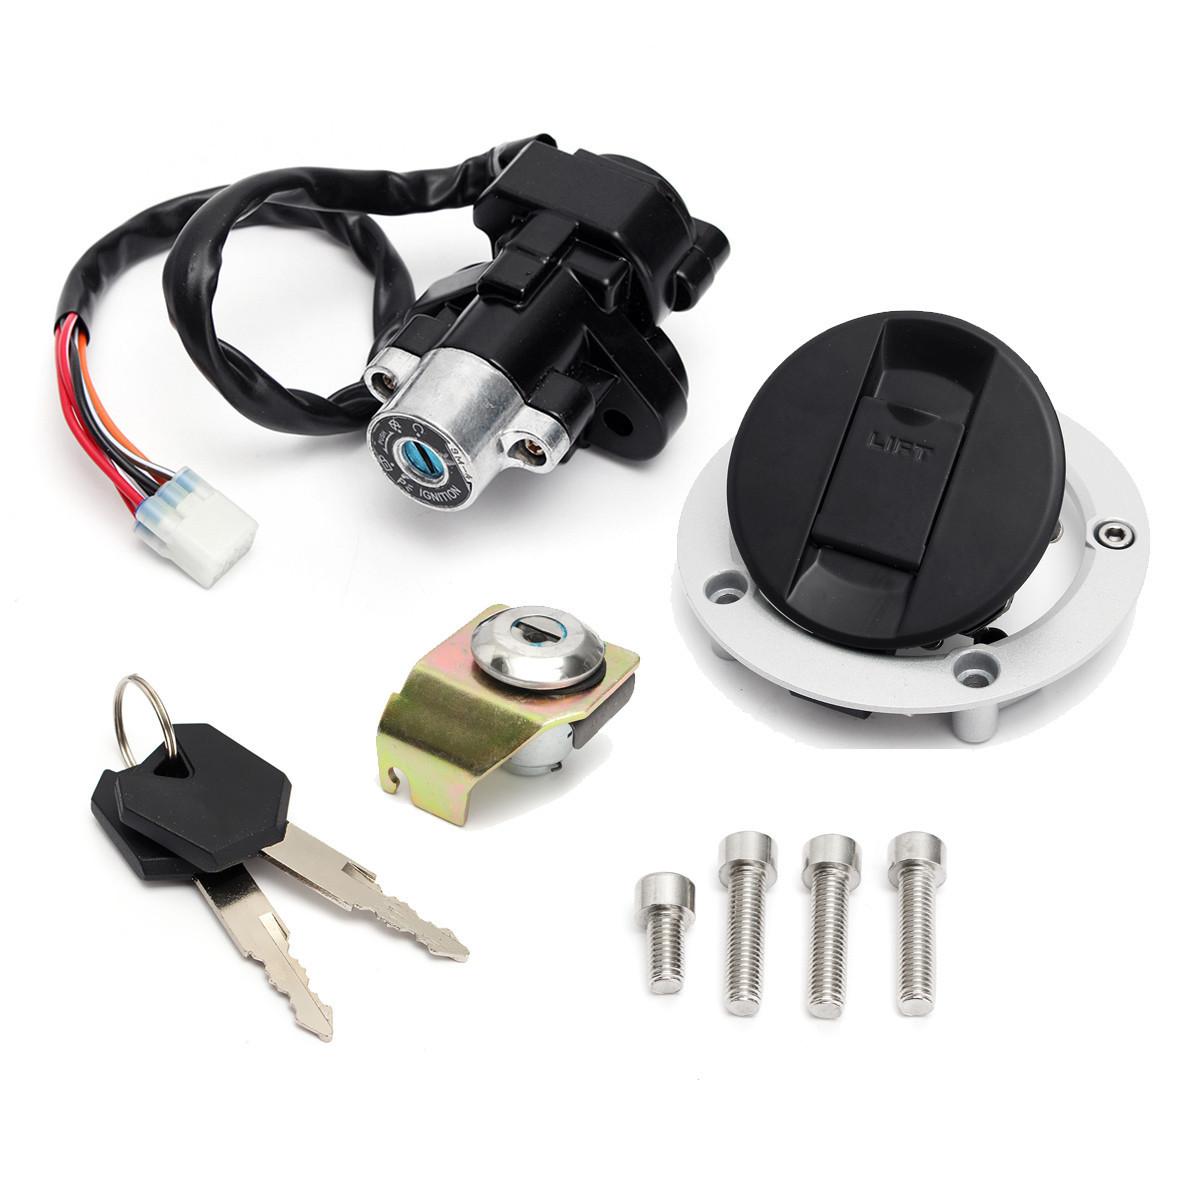 Переключатель зажигания Замок и крышка топливного газа Ключ для Suzuki GSXR600 750 1000 03-15 1TopShop